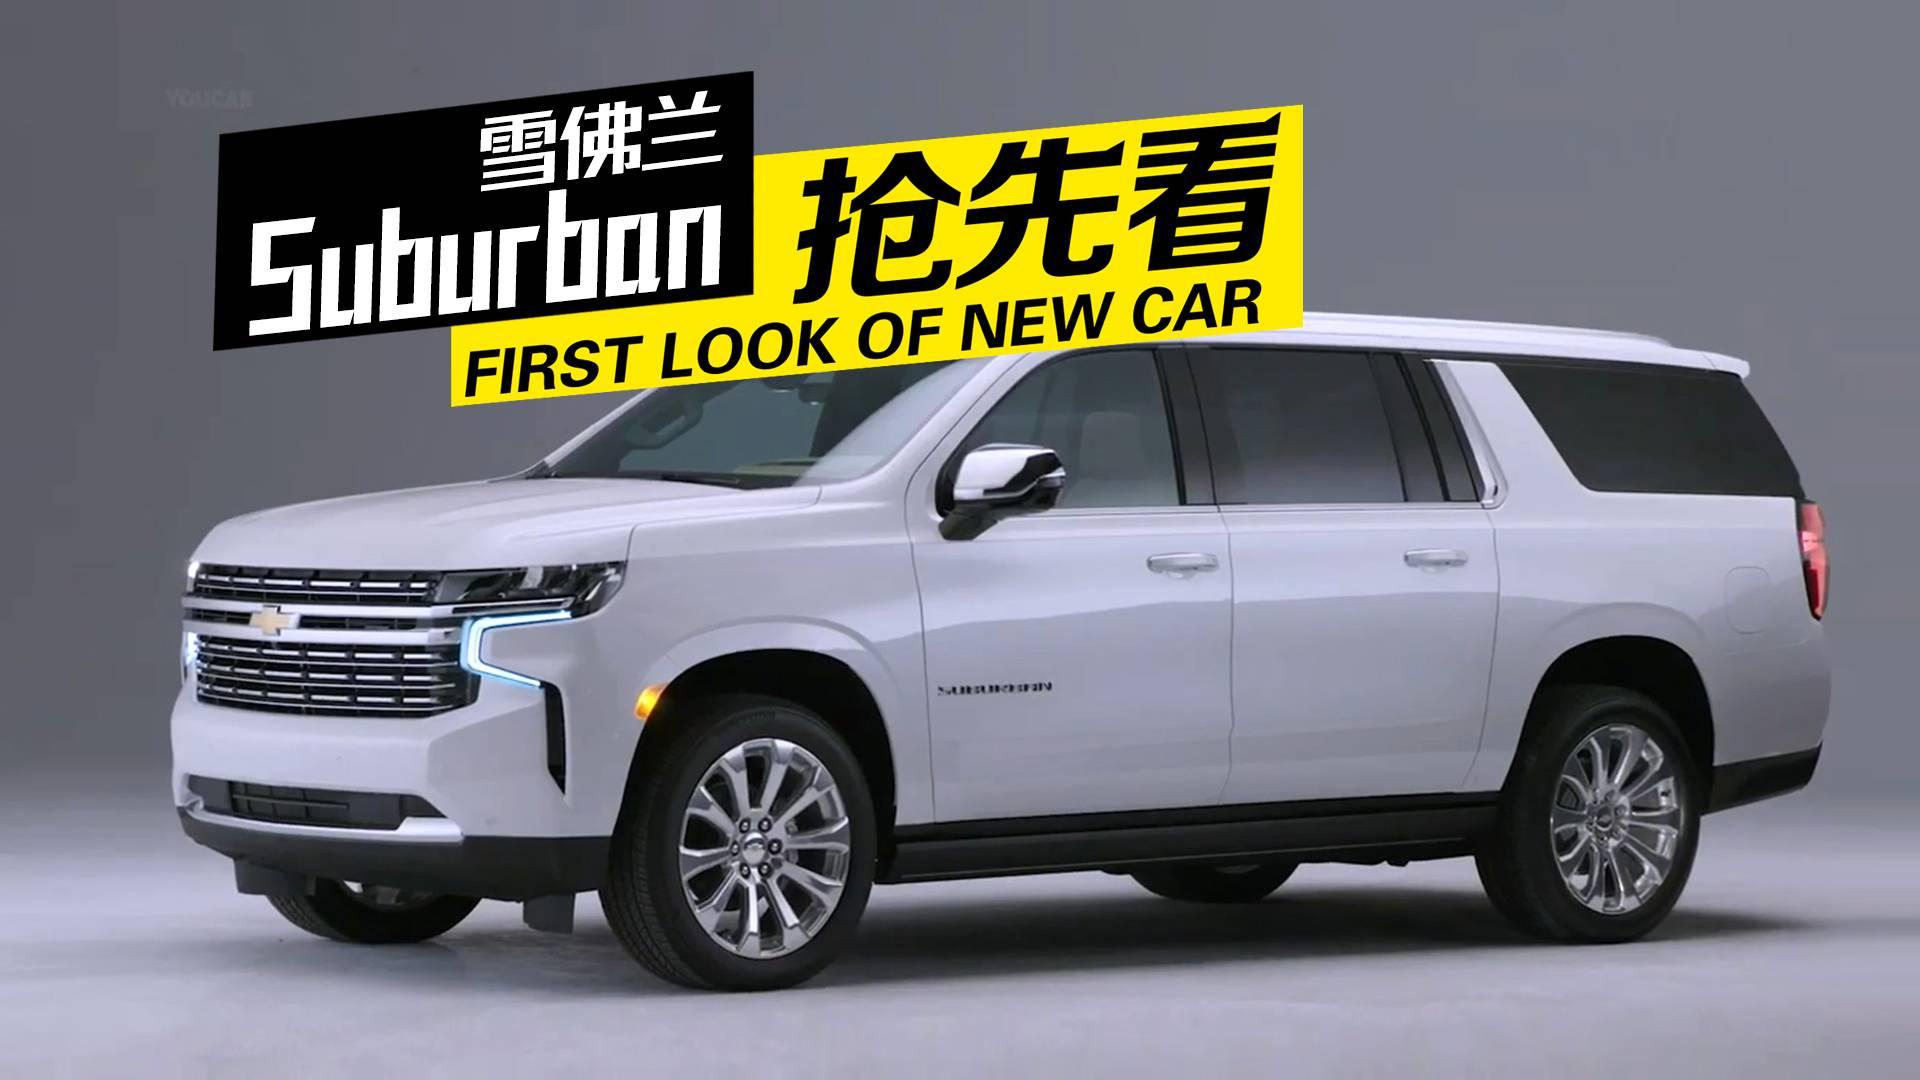 4106L容积,装载空间最大的全尺寸SUV